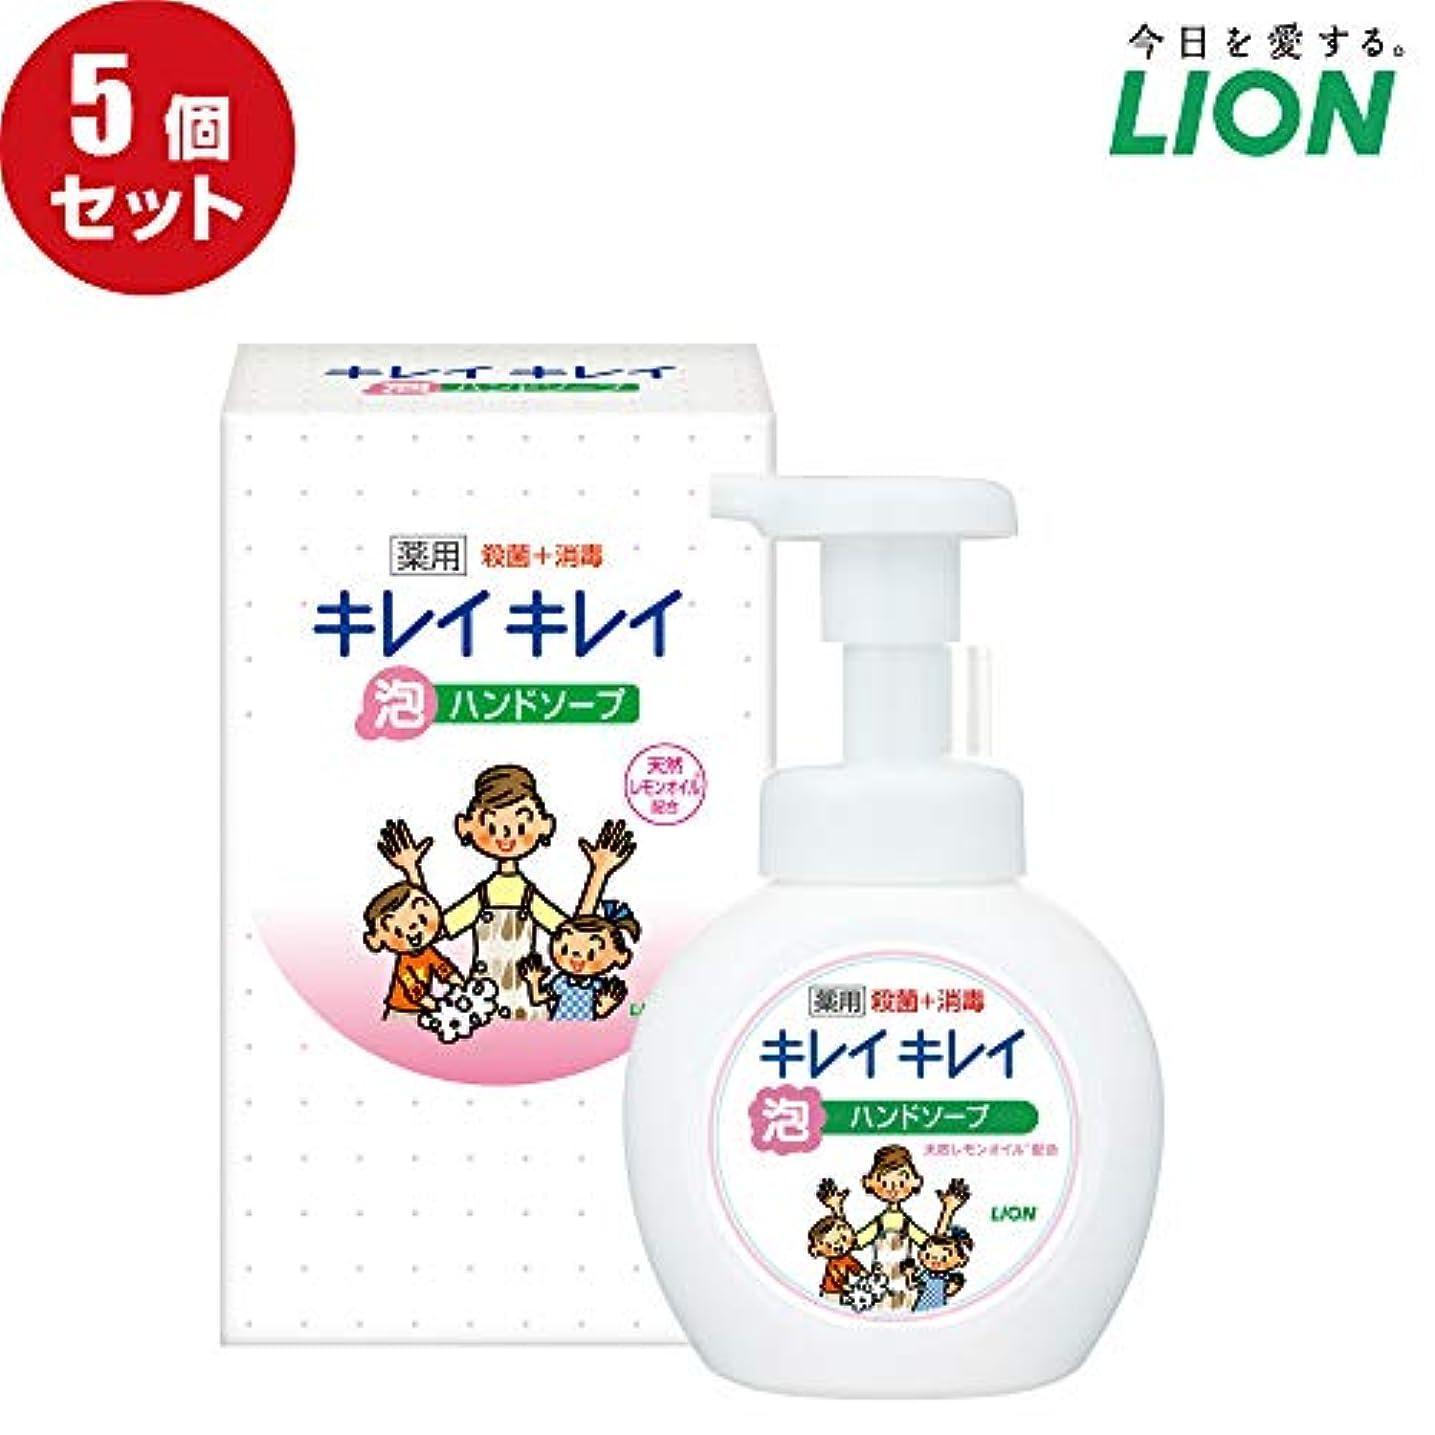 区別する思慮深い買収【5個セット】LION キレイキレイ薬用泡ハンドソープ250ml ノベルティギフト用化粧箱入